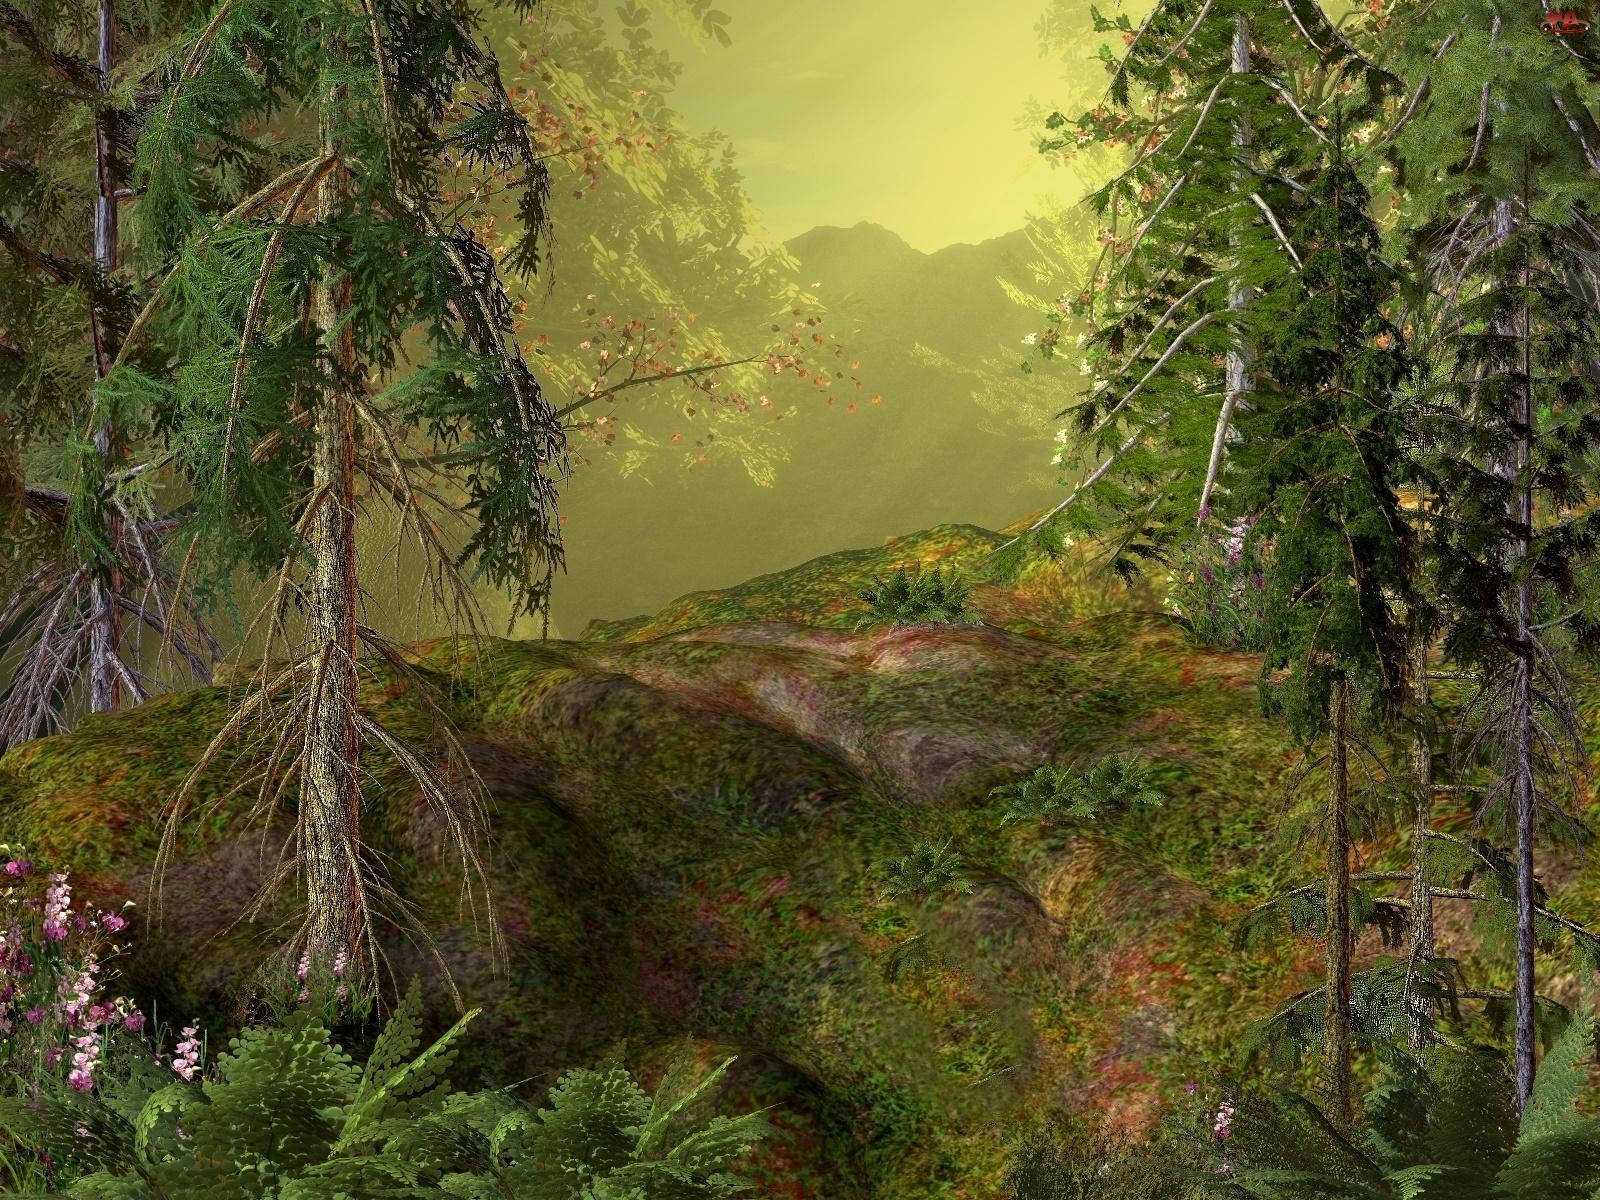 Drzewa, 3D, Las, Góry